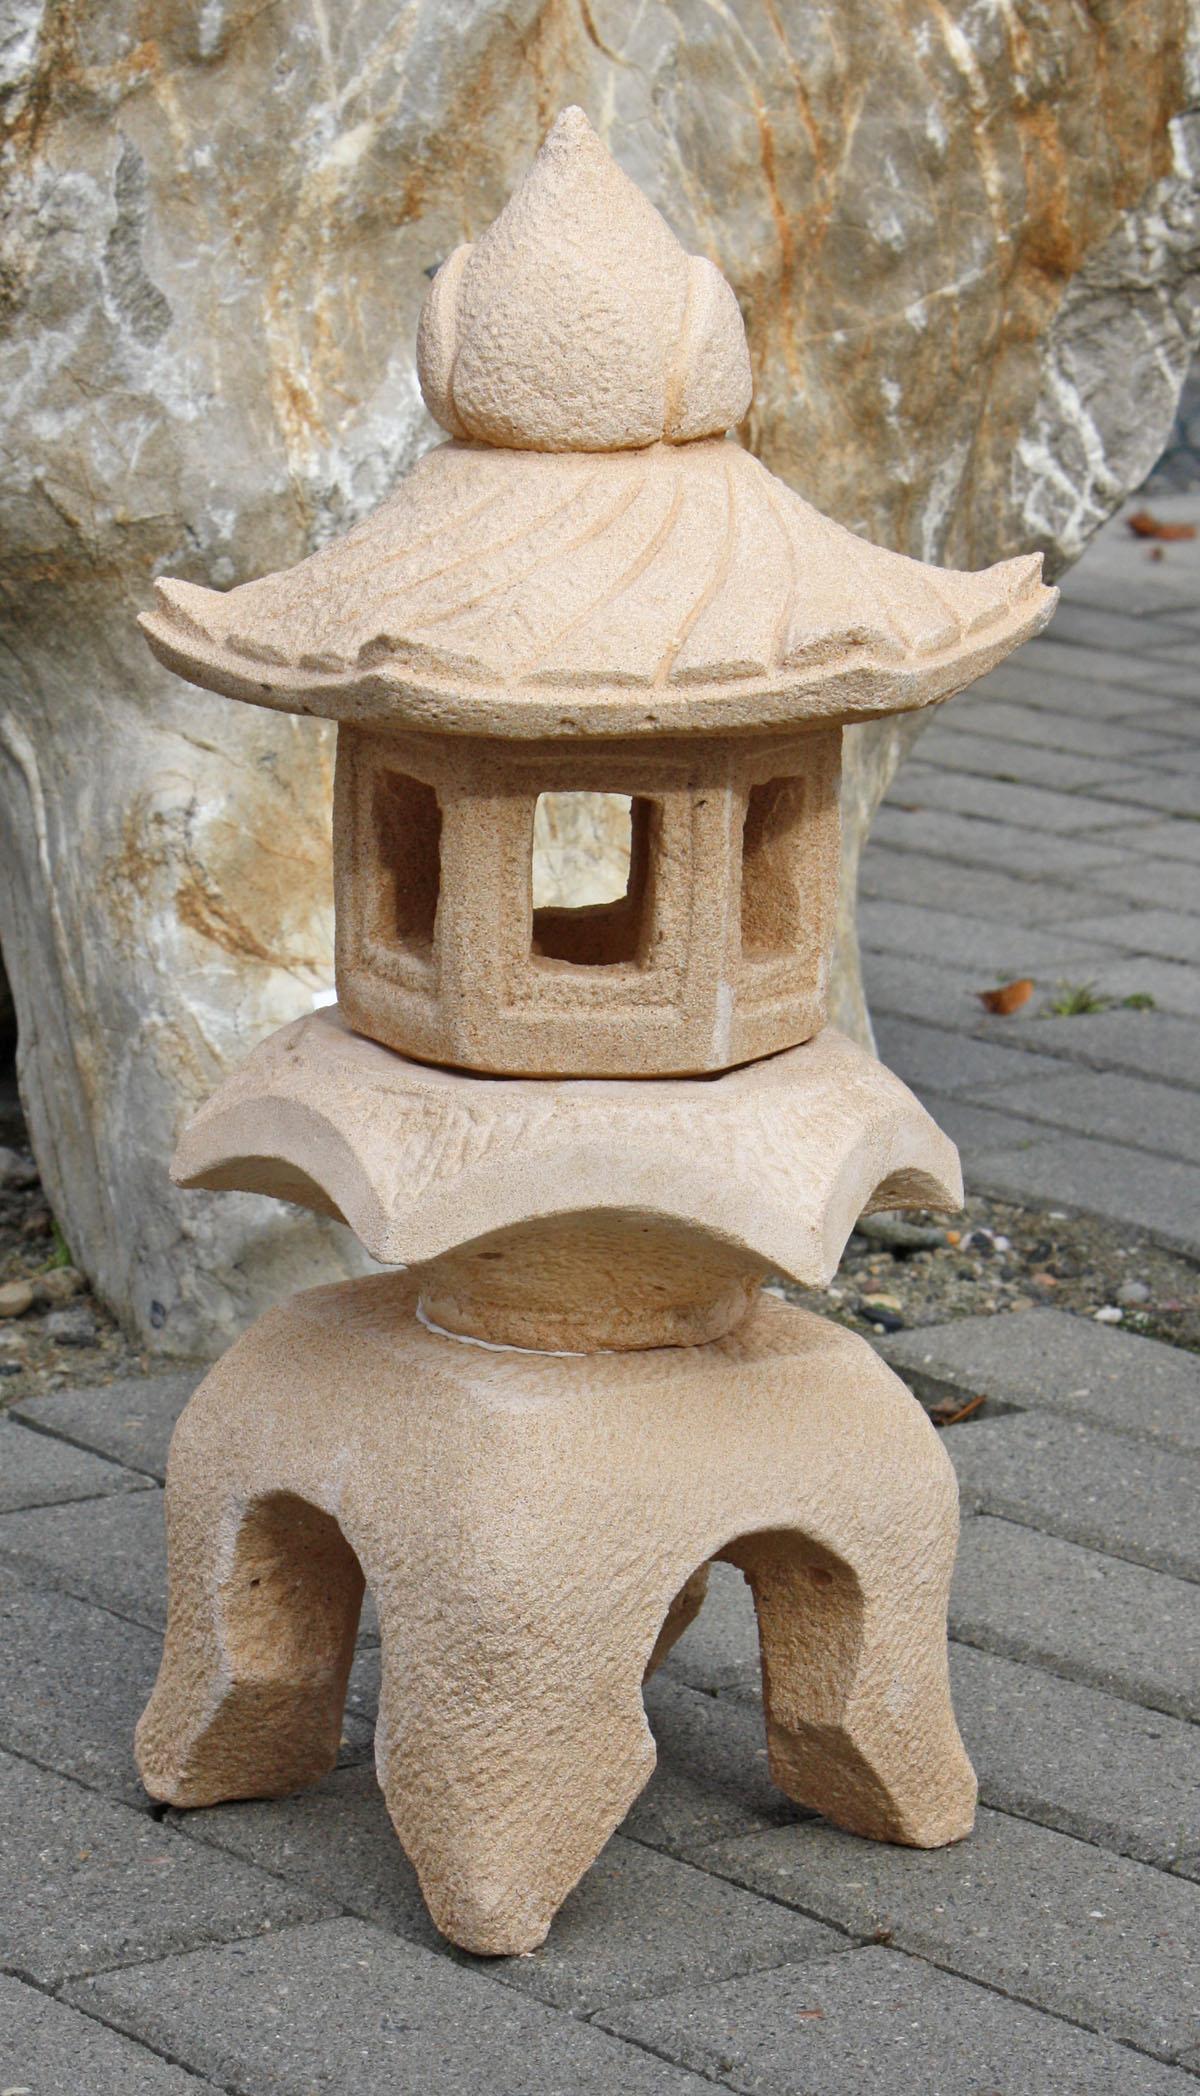 Japanische lampe sandfarben motiv 01 naturstein centrum lpm for Japanische gartenfiguren